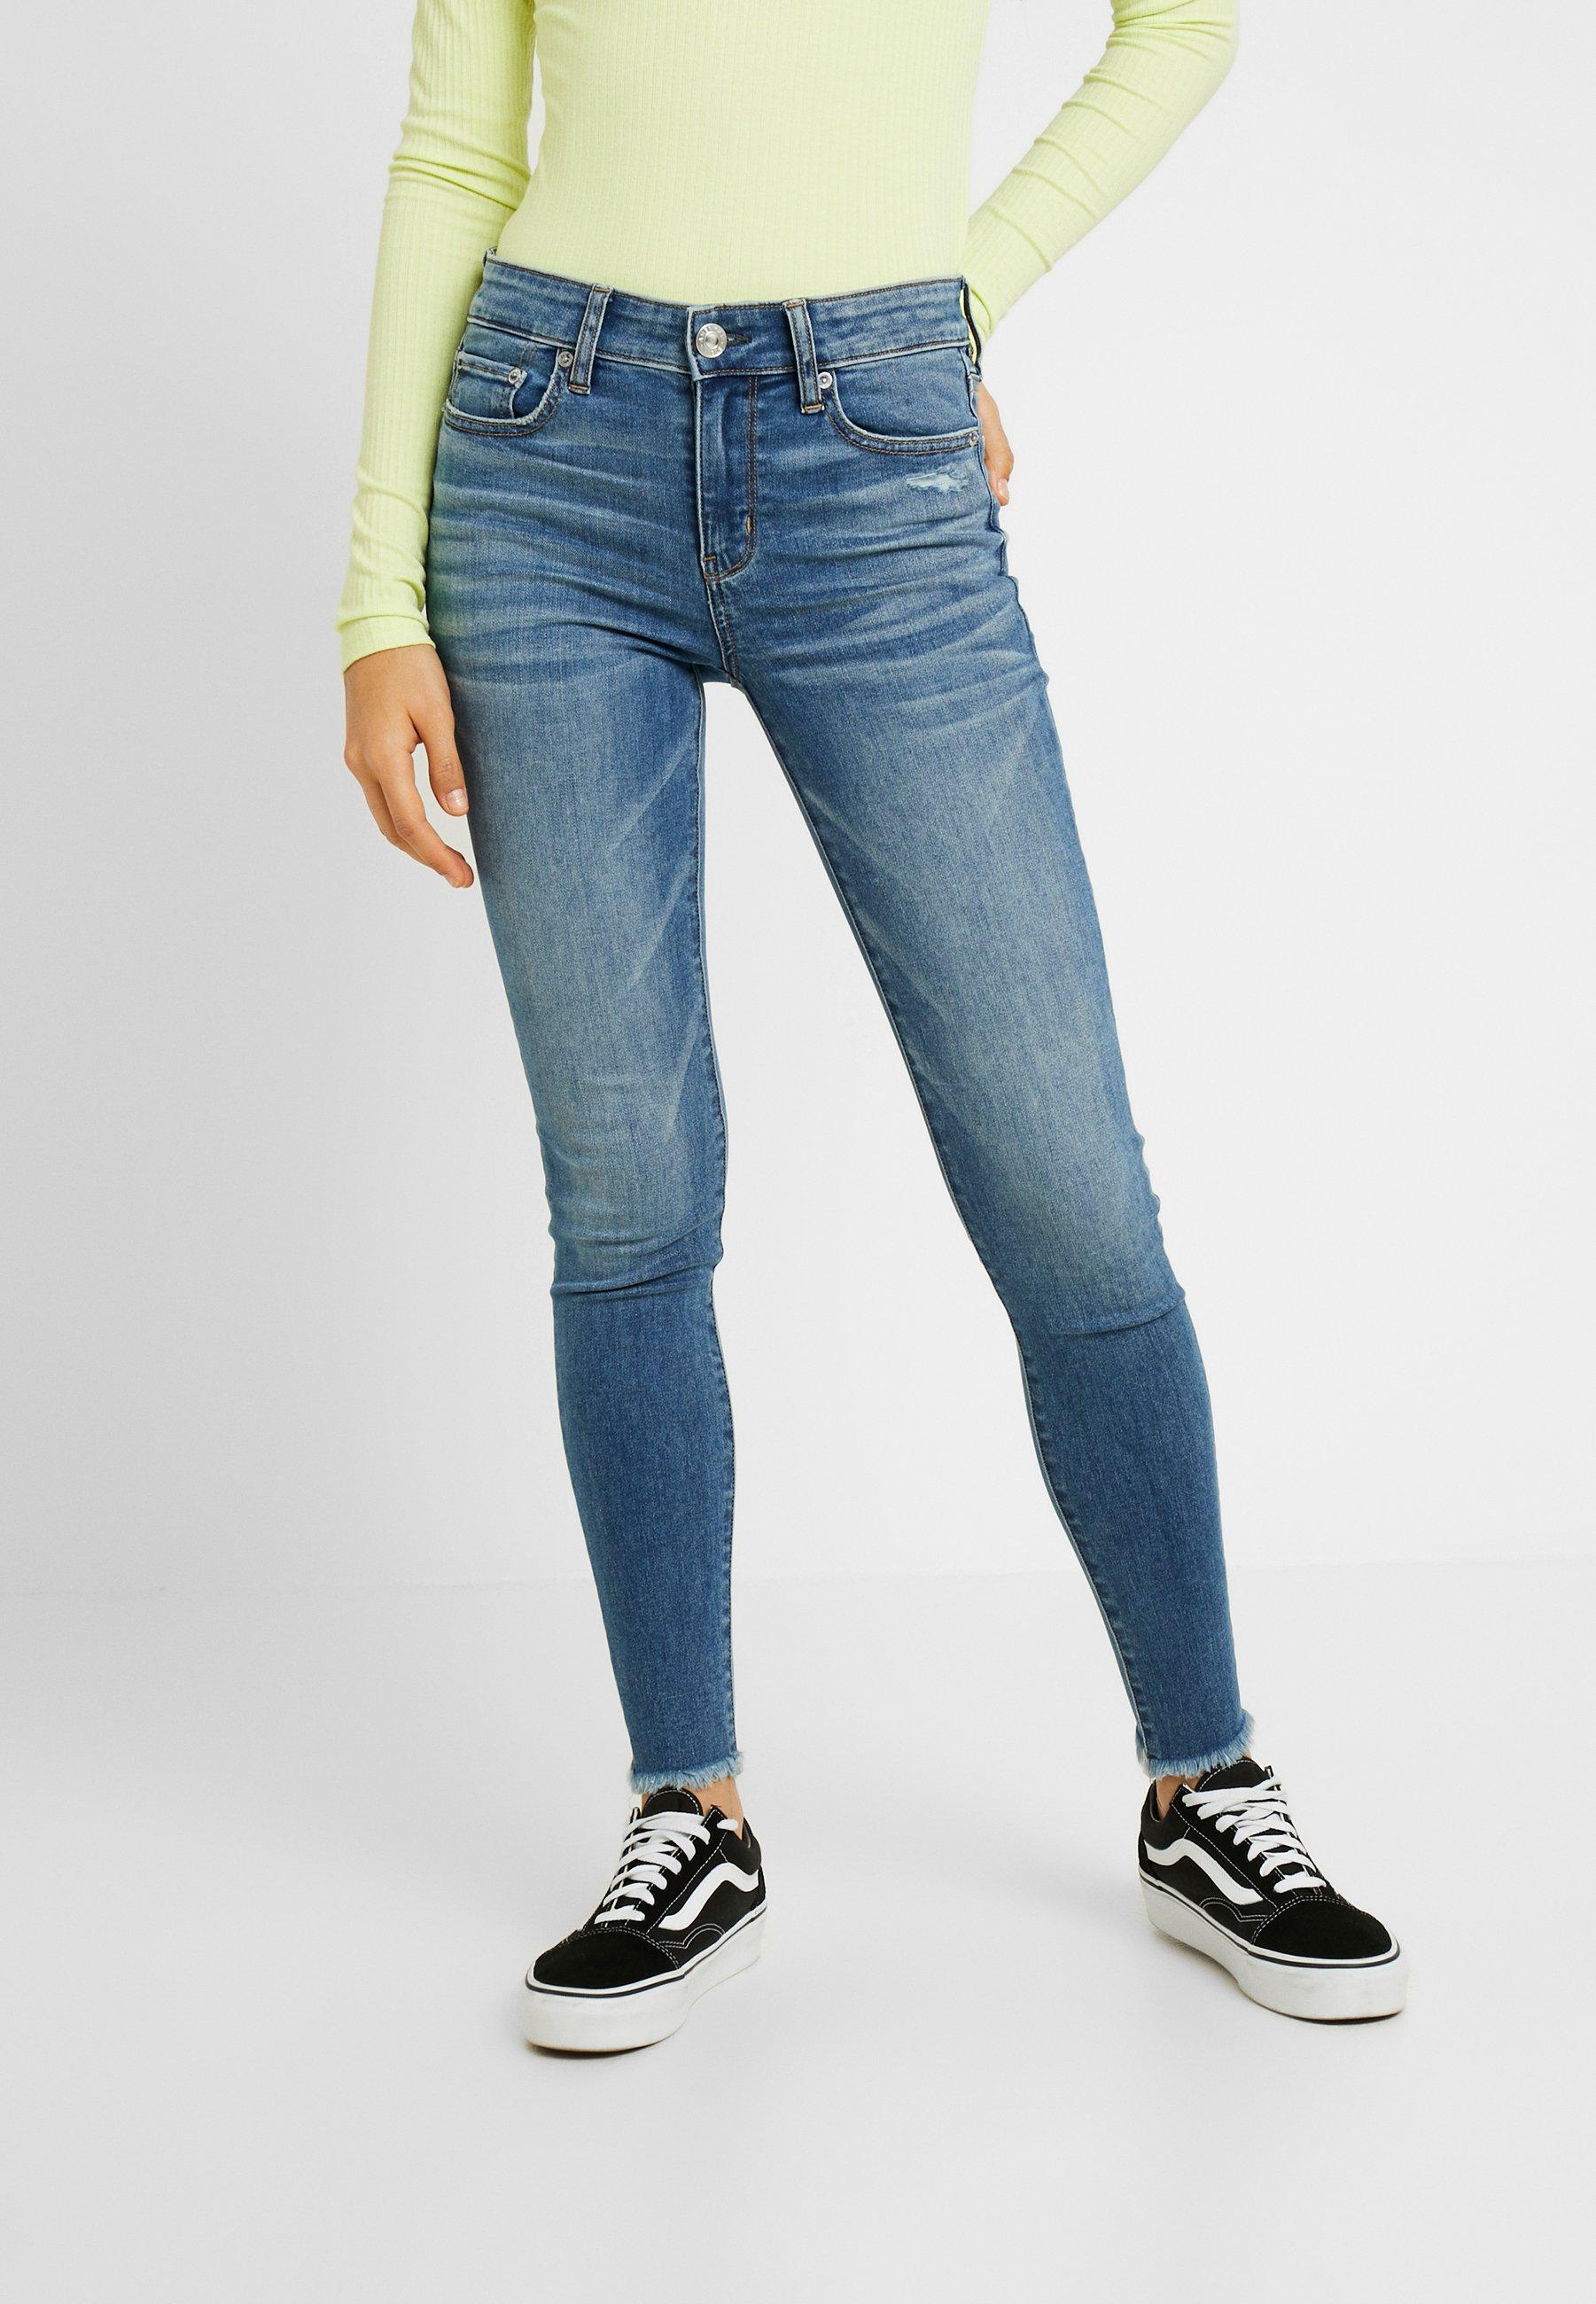 American Eagle Jeans Skinny - blue denim - Jeans Femme Ke4QV